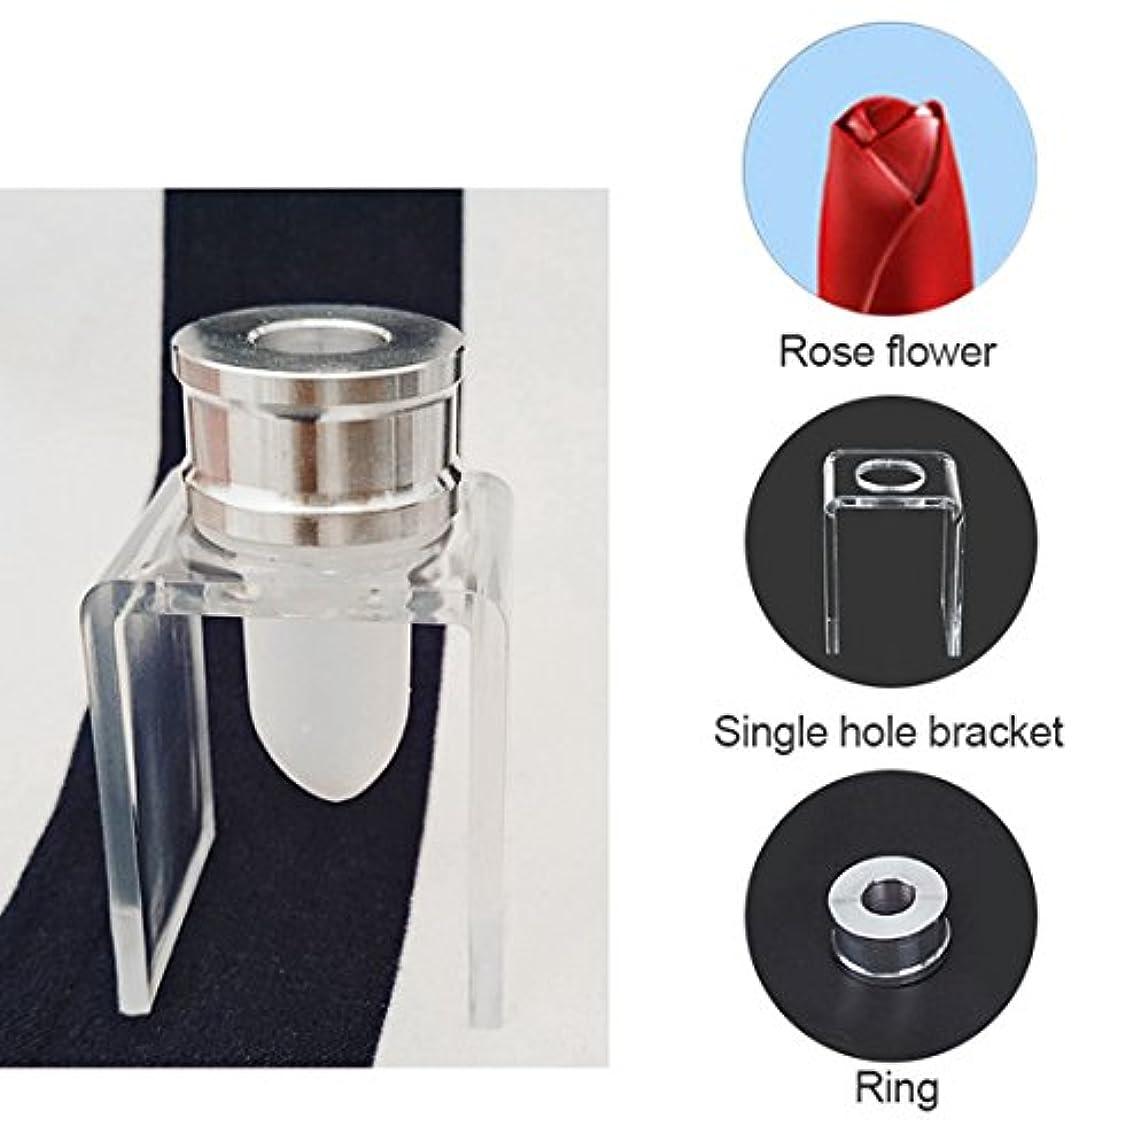 枯れるライバル敵対的SODIAL 3セット DIY 12.1mm シンプルな口紅の充填チューブ シリコーン金型 アルミリング シングルホールブラケット 手作りの口紅ツール シンプルなセット バラ